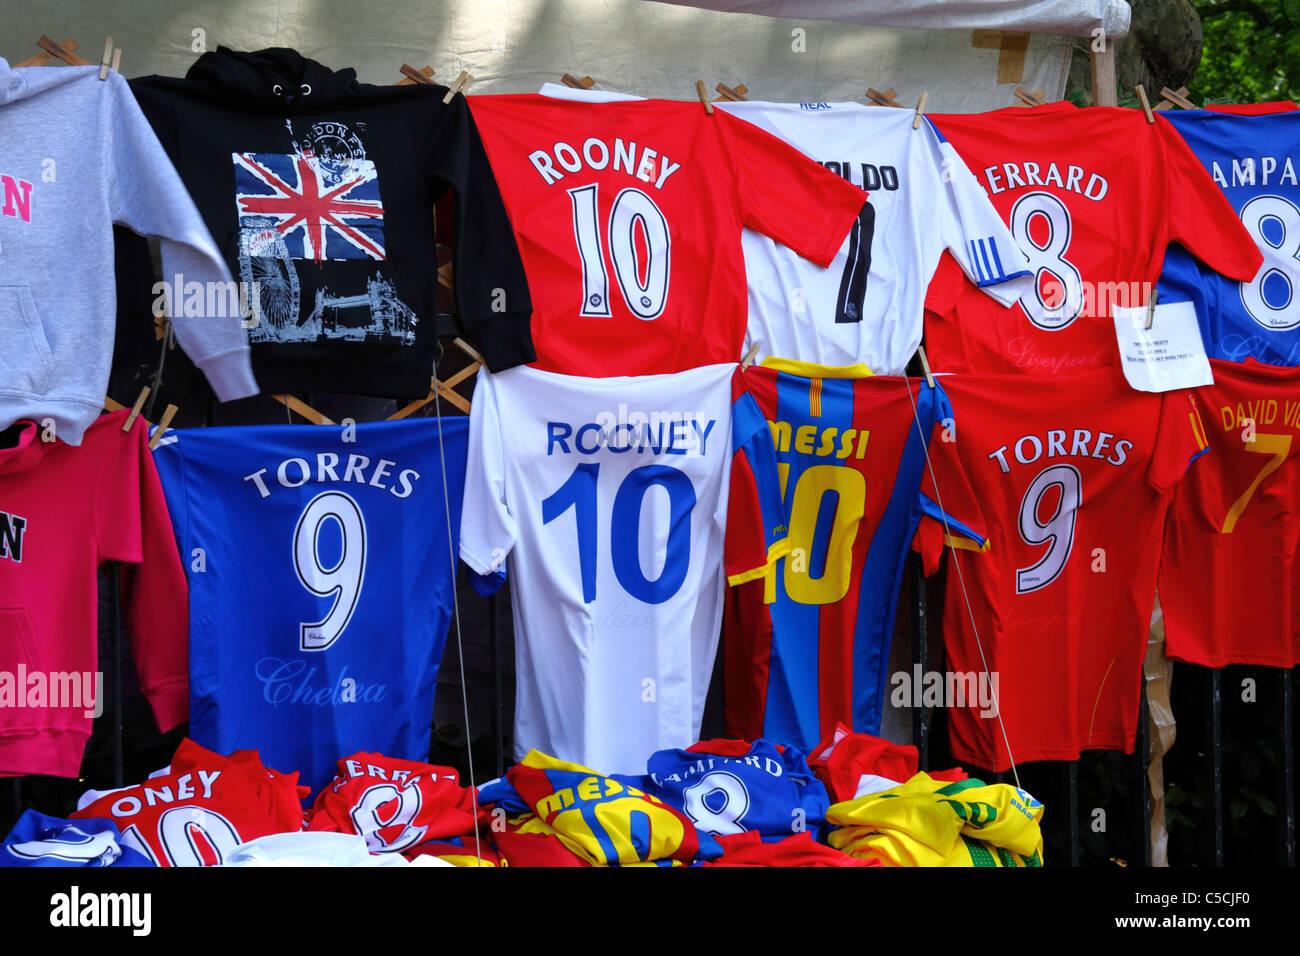 Londres sudaderas y camisetas de fútbol para la venta junto con Green Park 009d647effcb8